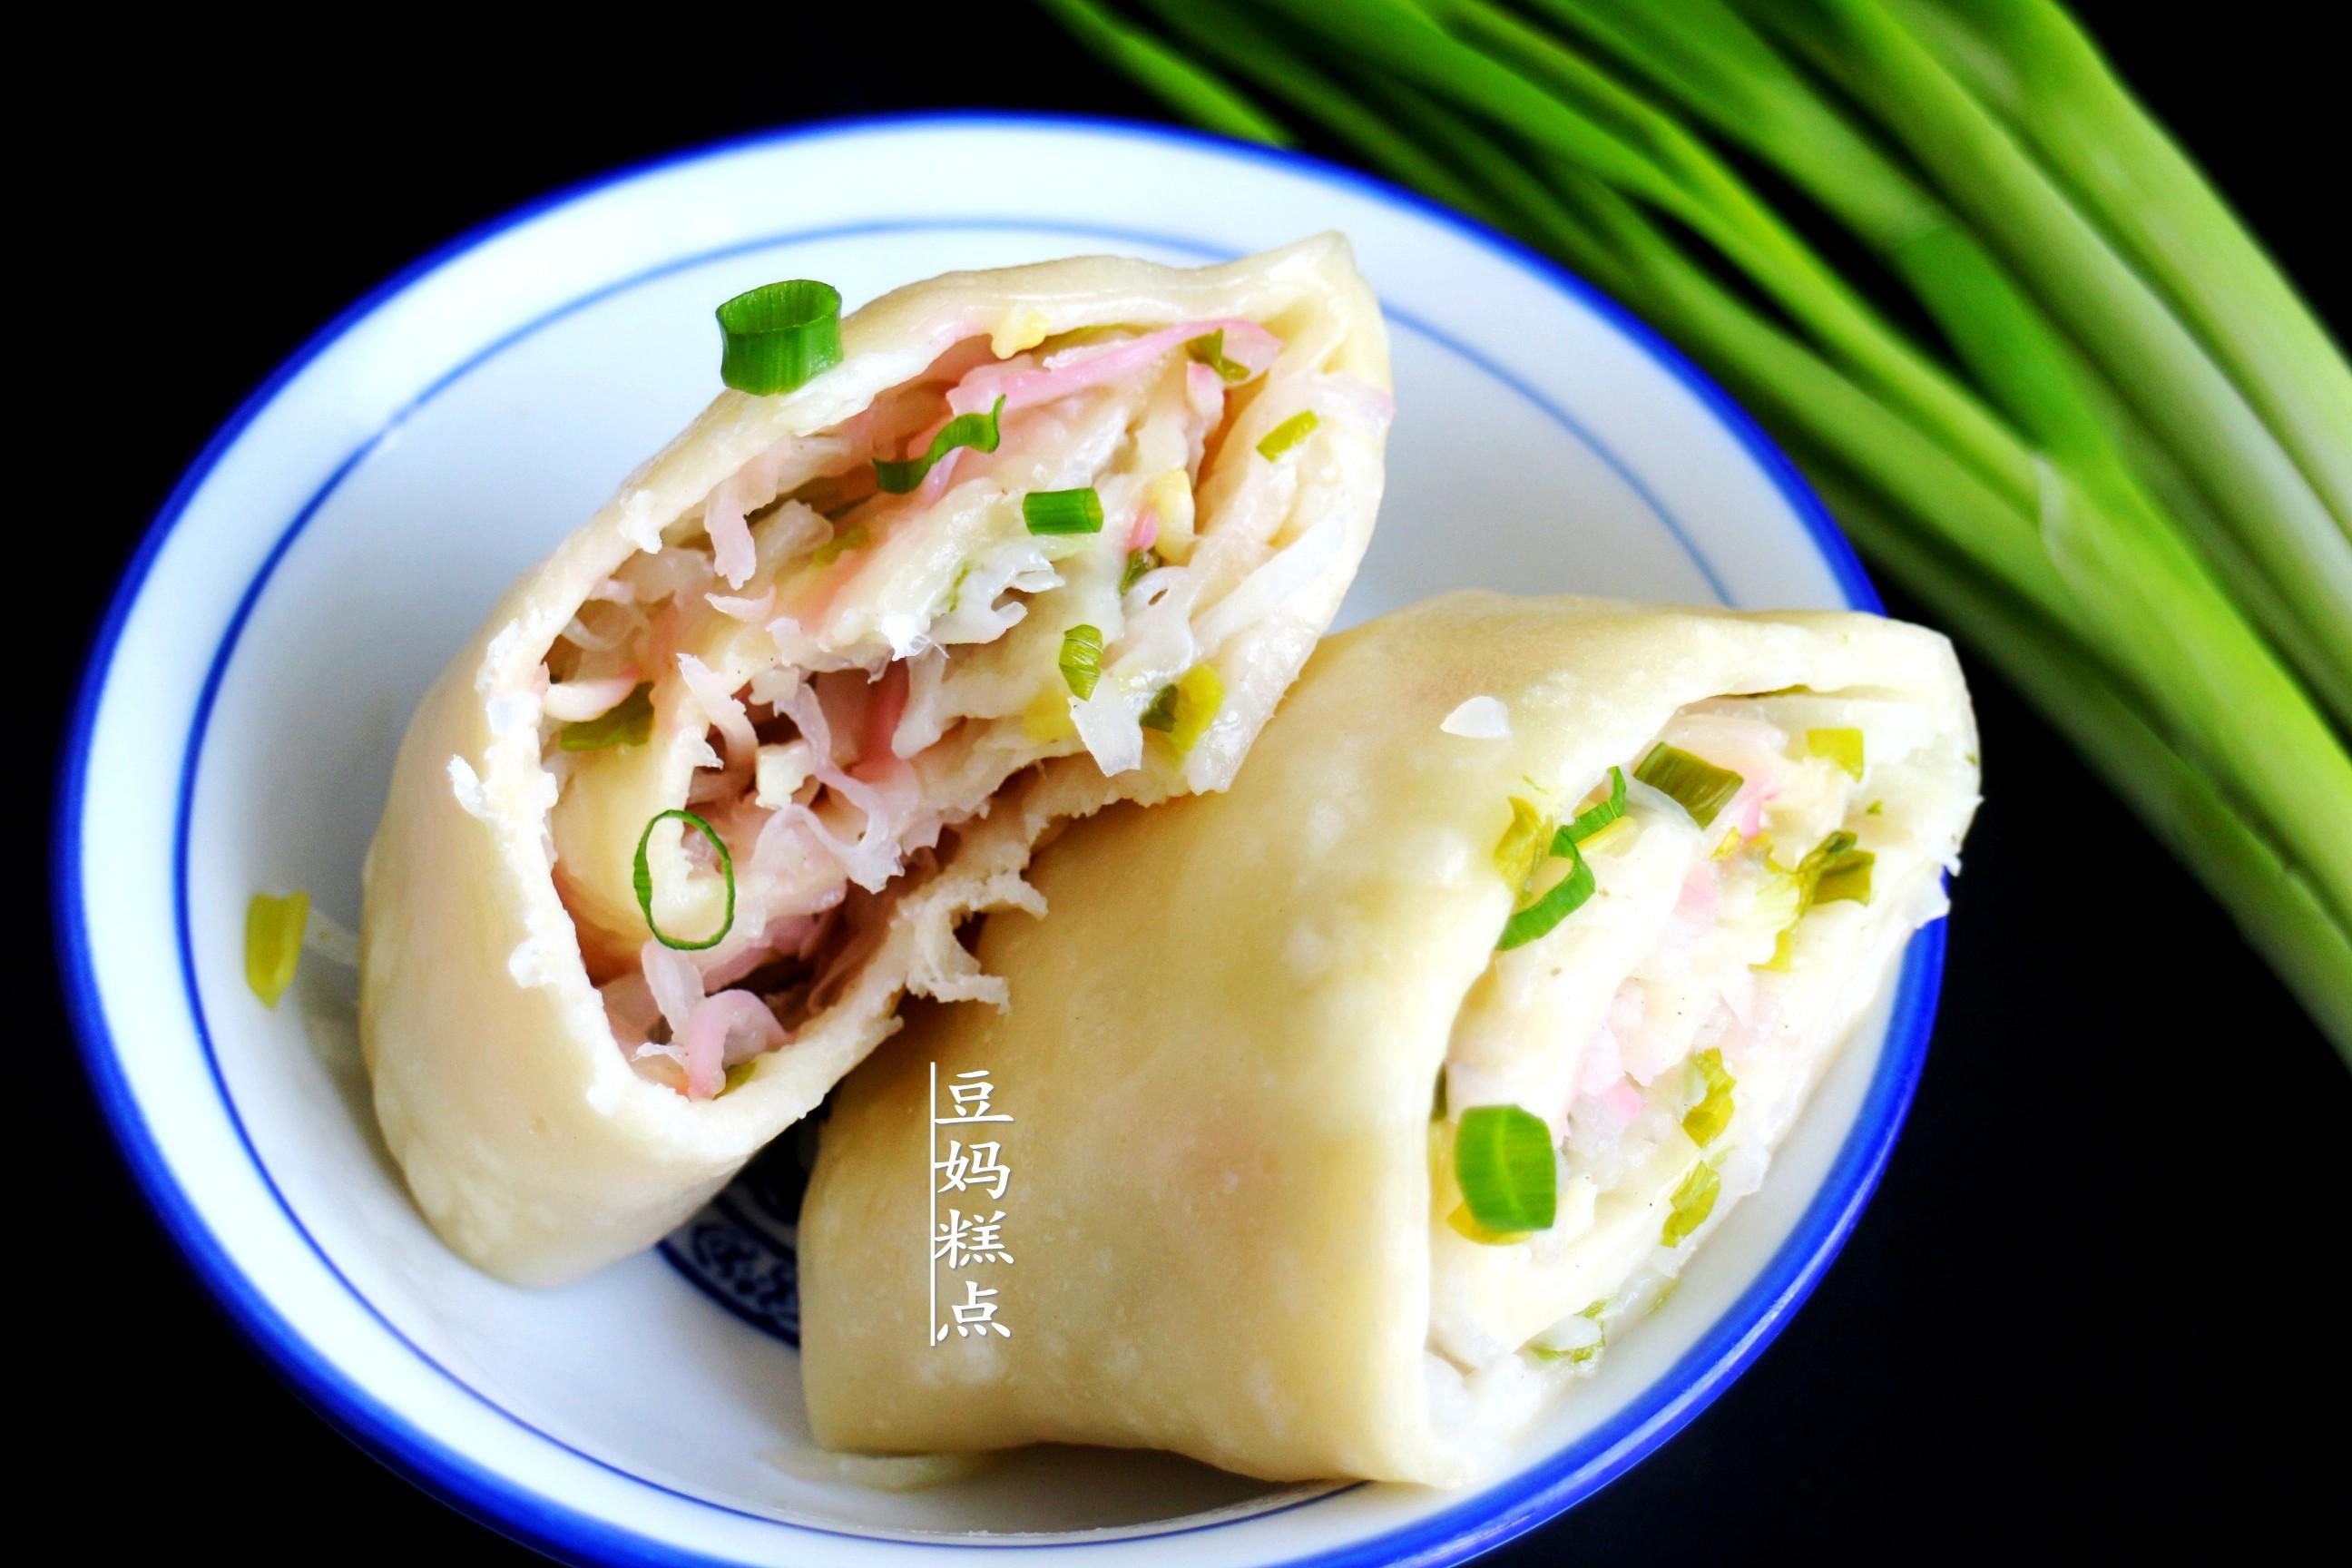 冬天,學山東人蒸蘿蔔卷子,簡單營養又有特色,越吃越香